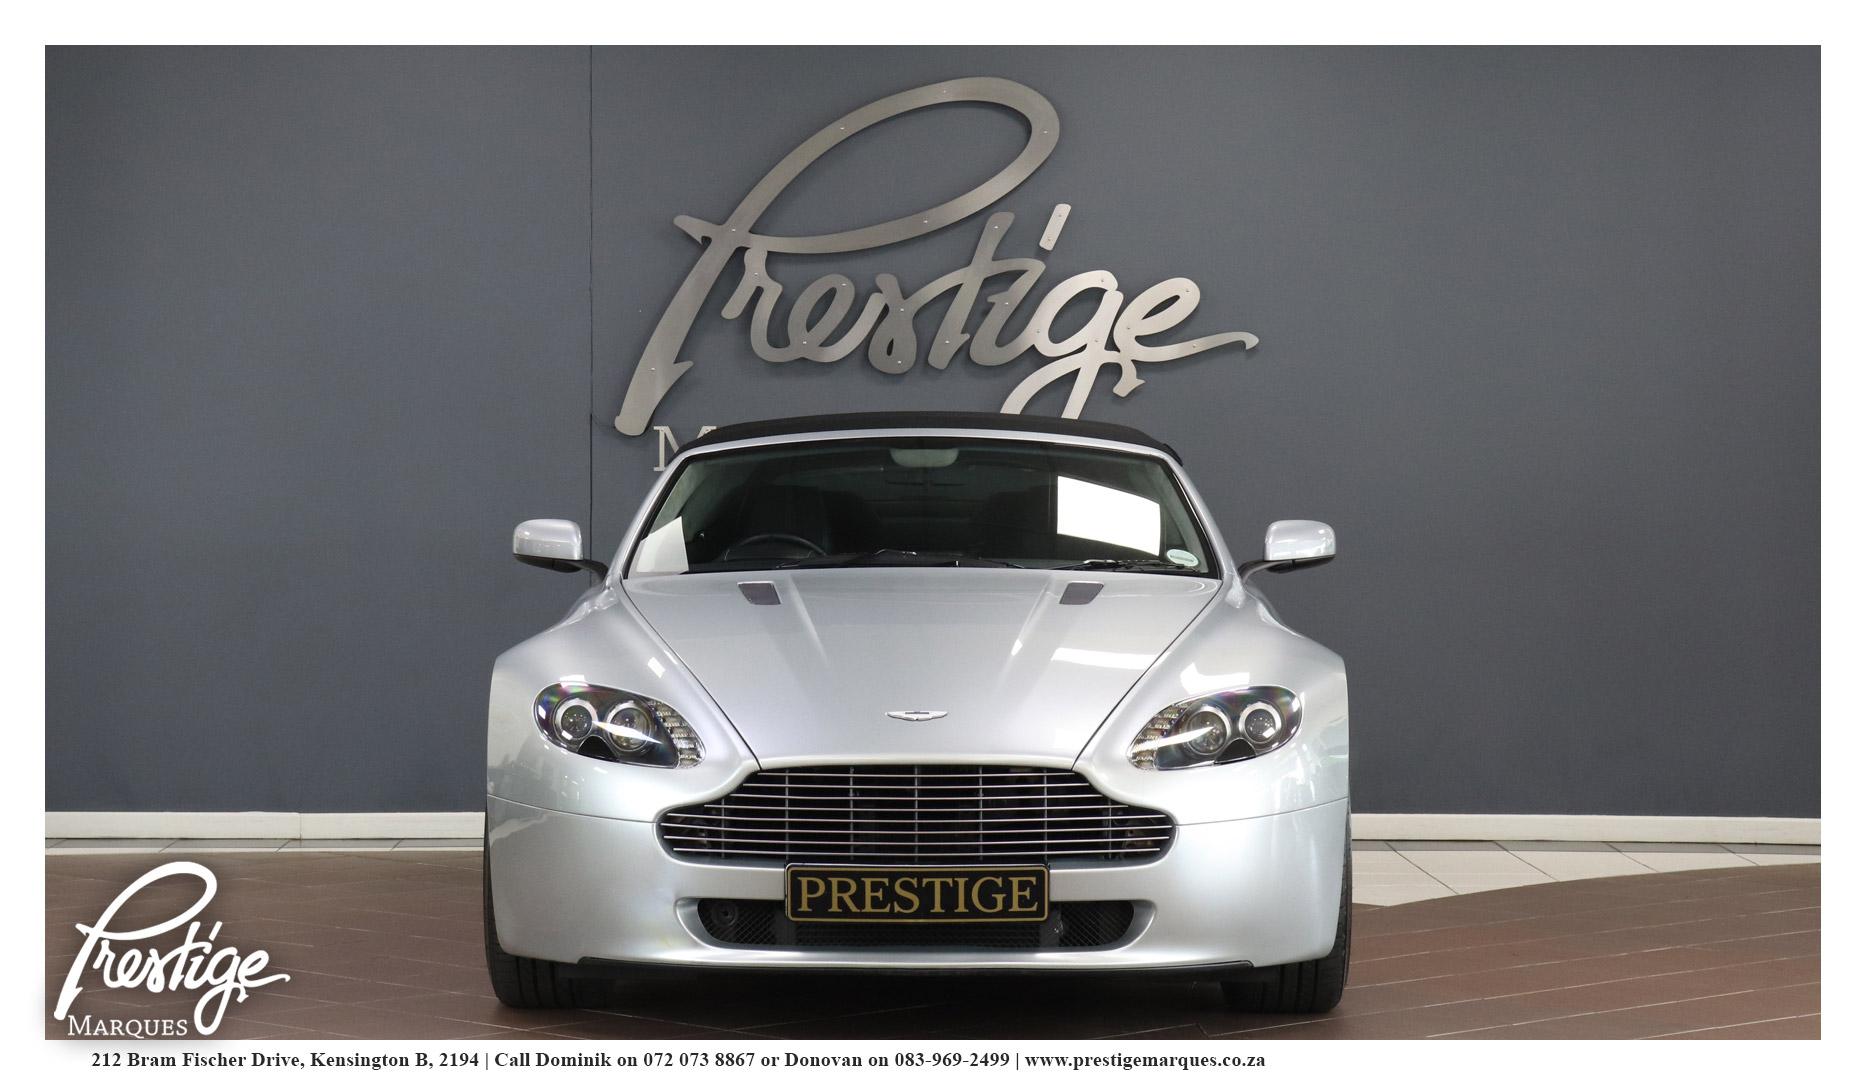 Aston-Martin-V8-Vantage-Convertible-Auto-Prestige-Marques-Sandton-15